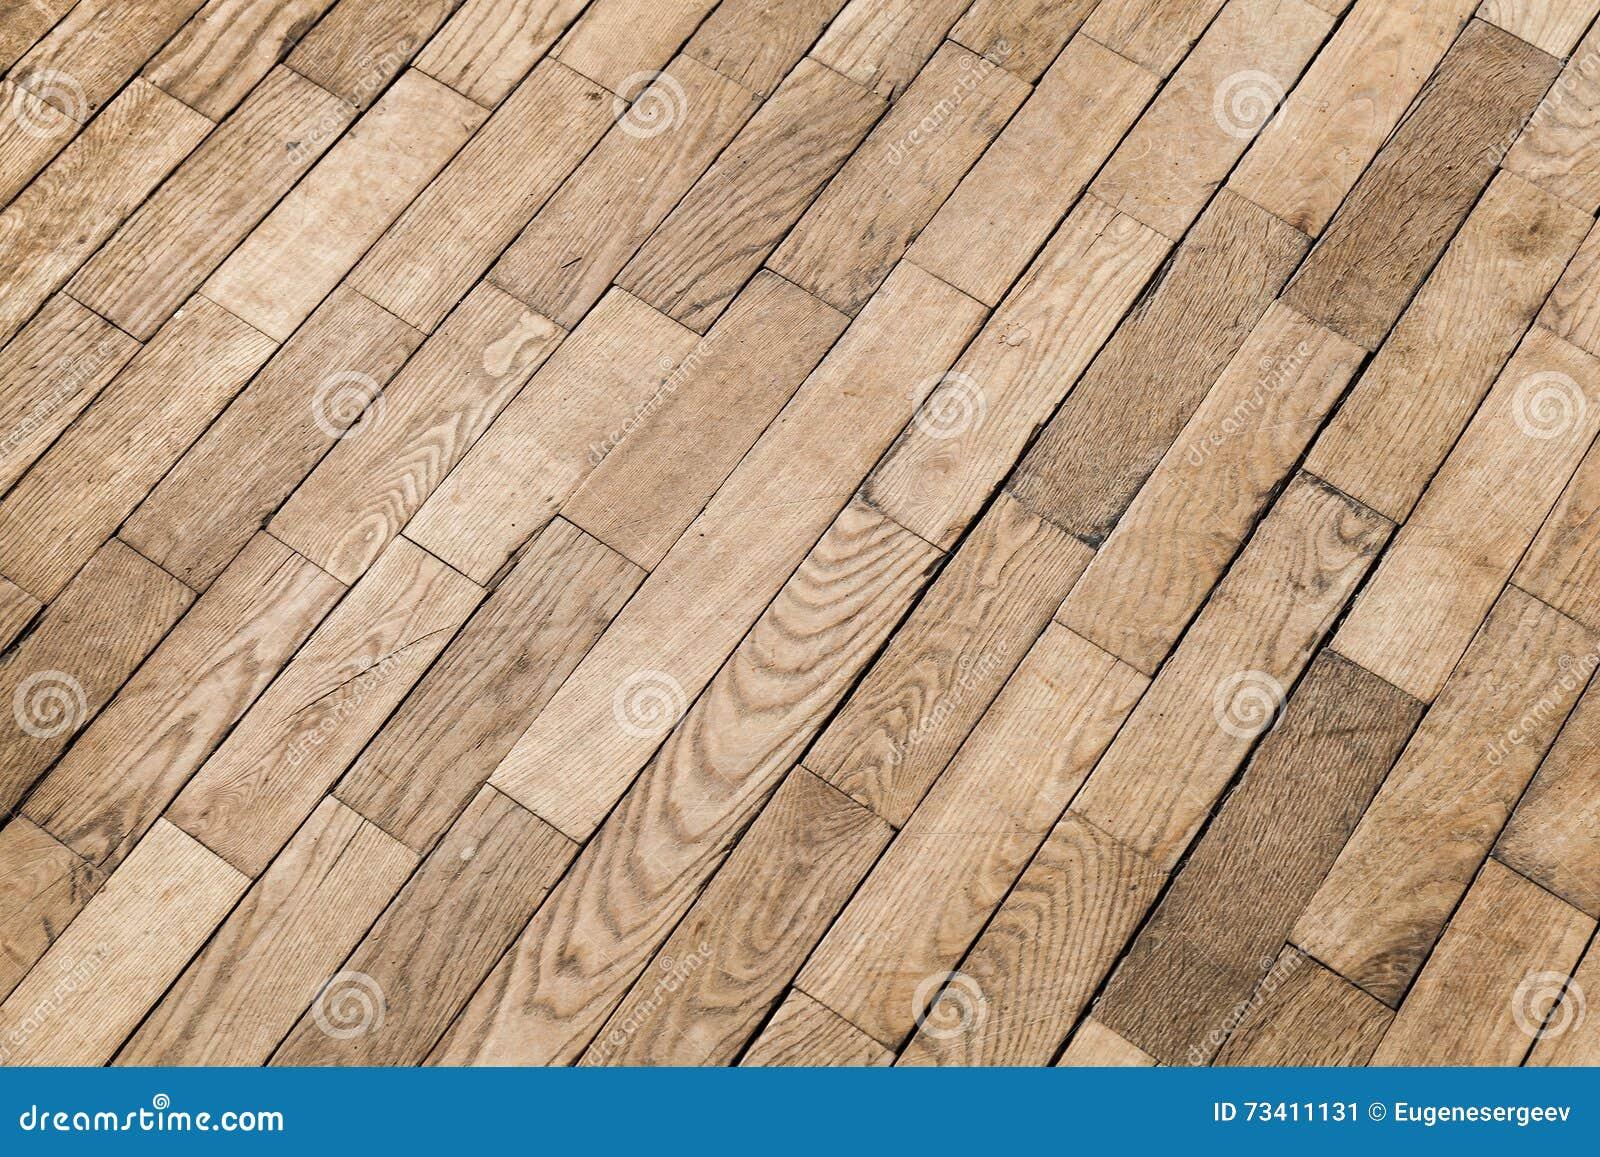 Vieux carrelage fashion designs - Le parquet en bois ...